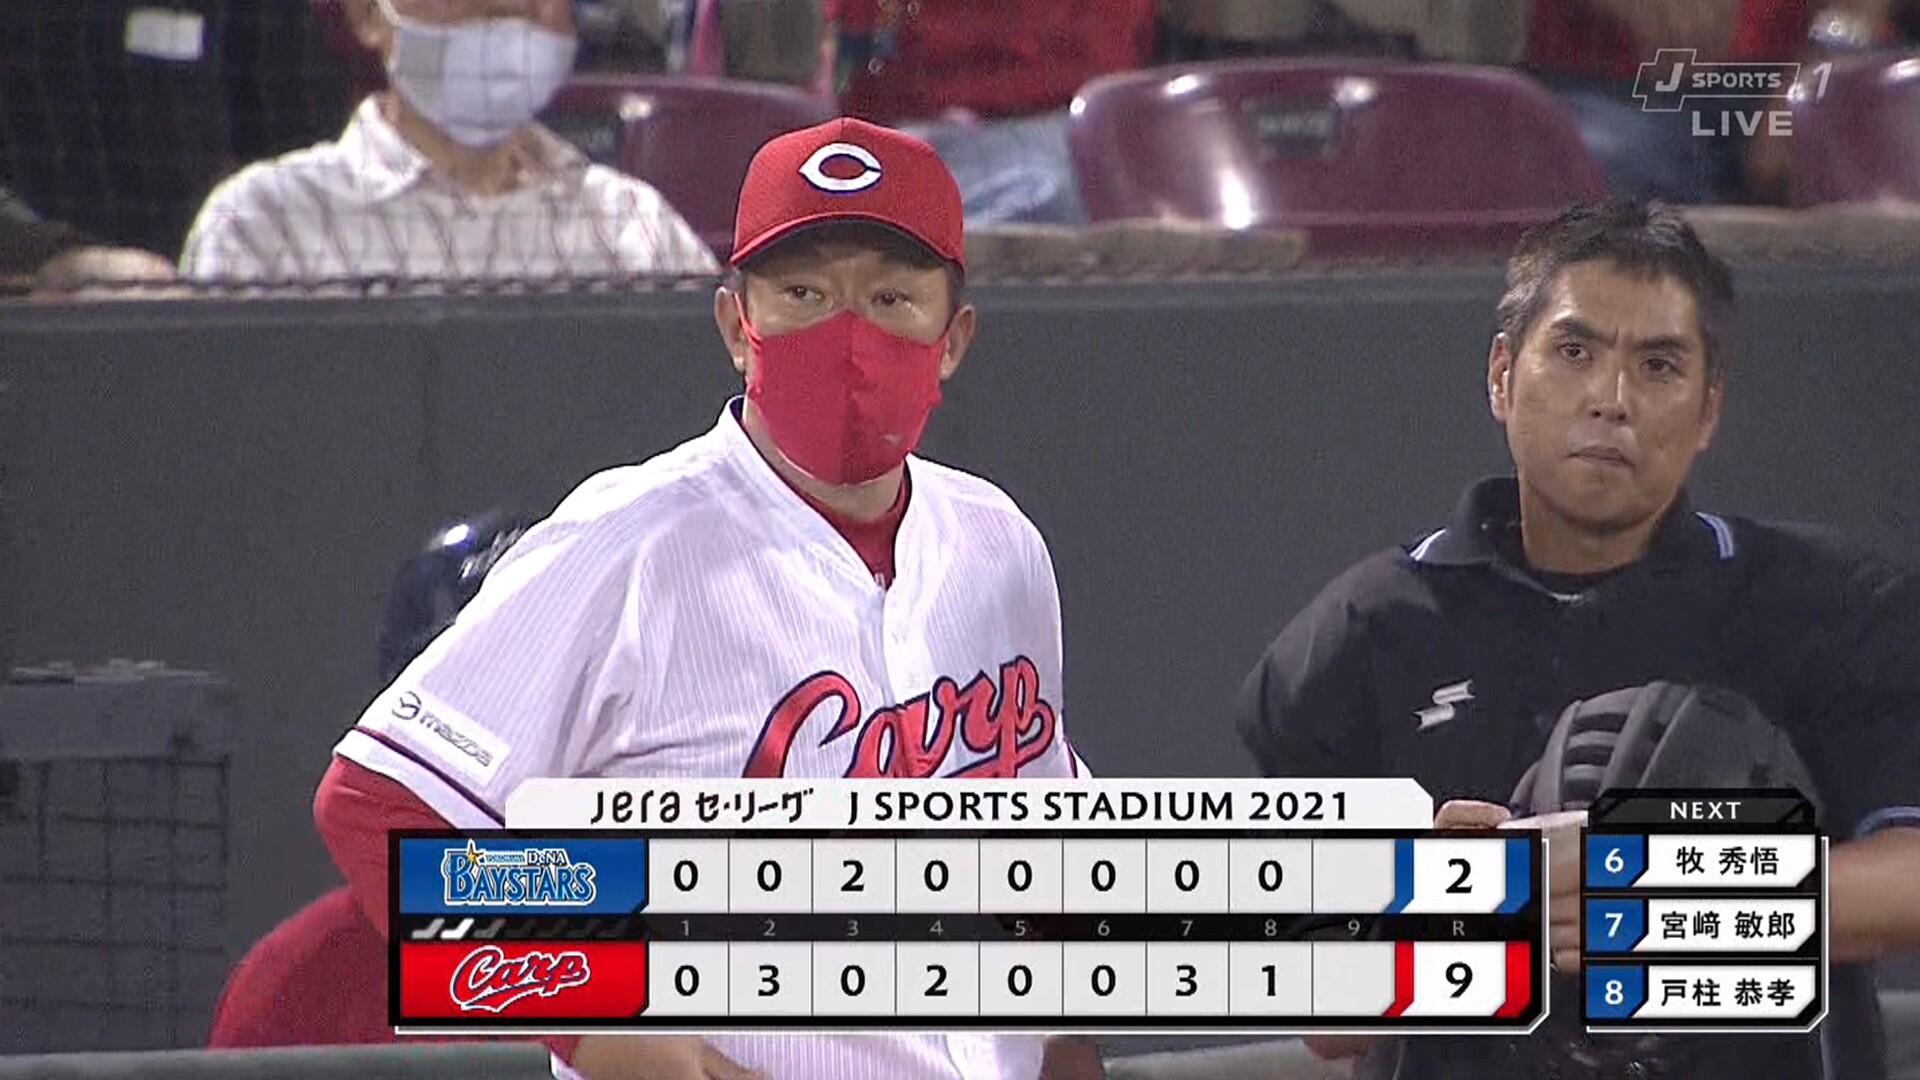 横浜DeNAベイスターズの自力優勝消滅を見守るスレ